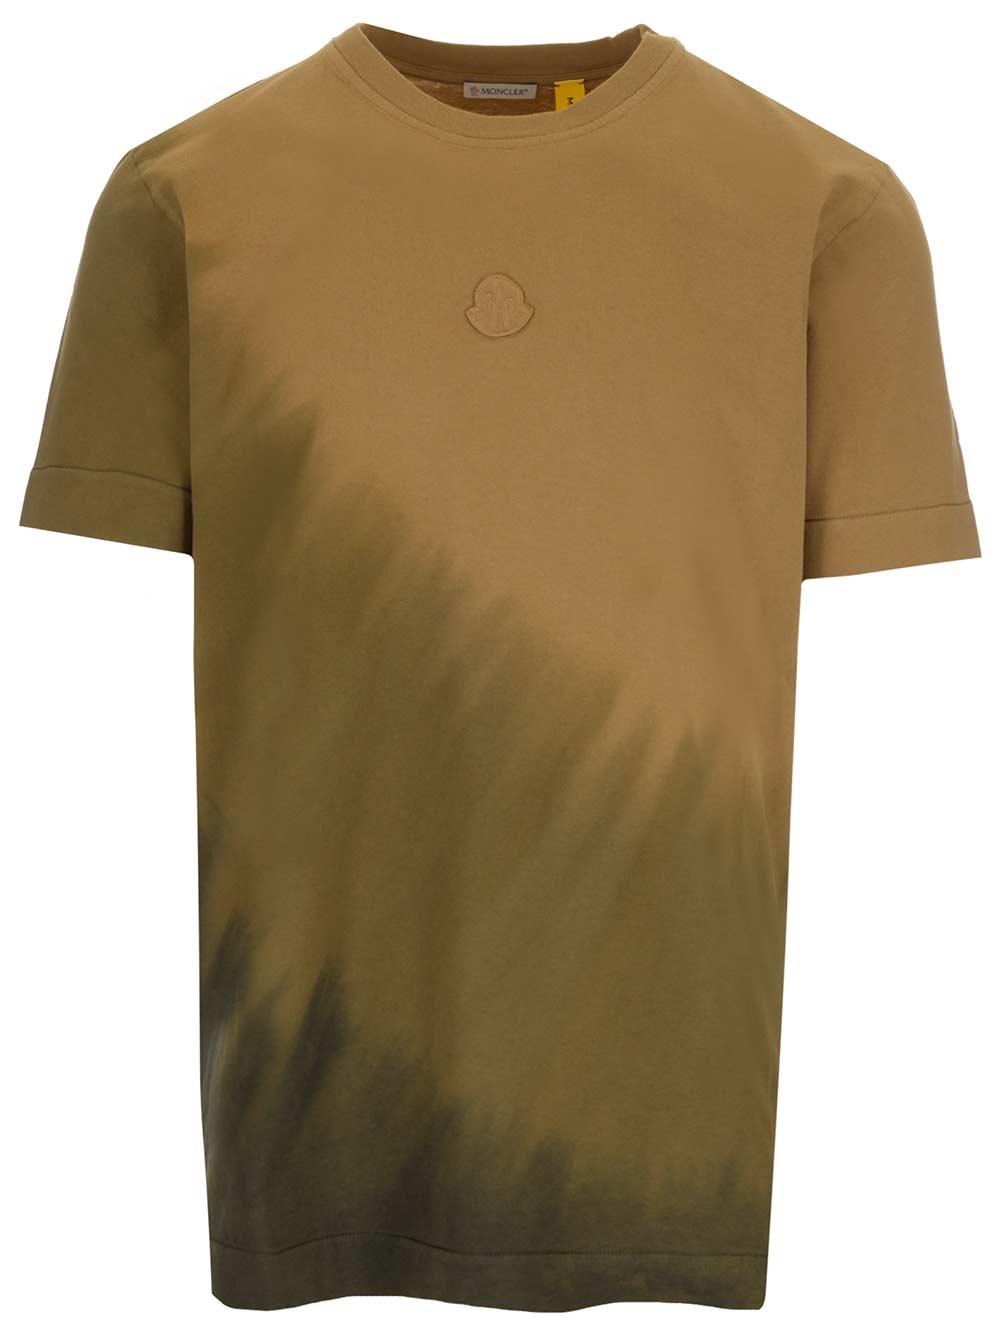 MONCLER GENIUS 6 Moncler 1017 Alyx 9Sm T-Shirt